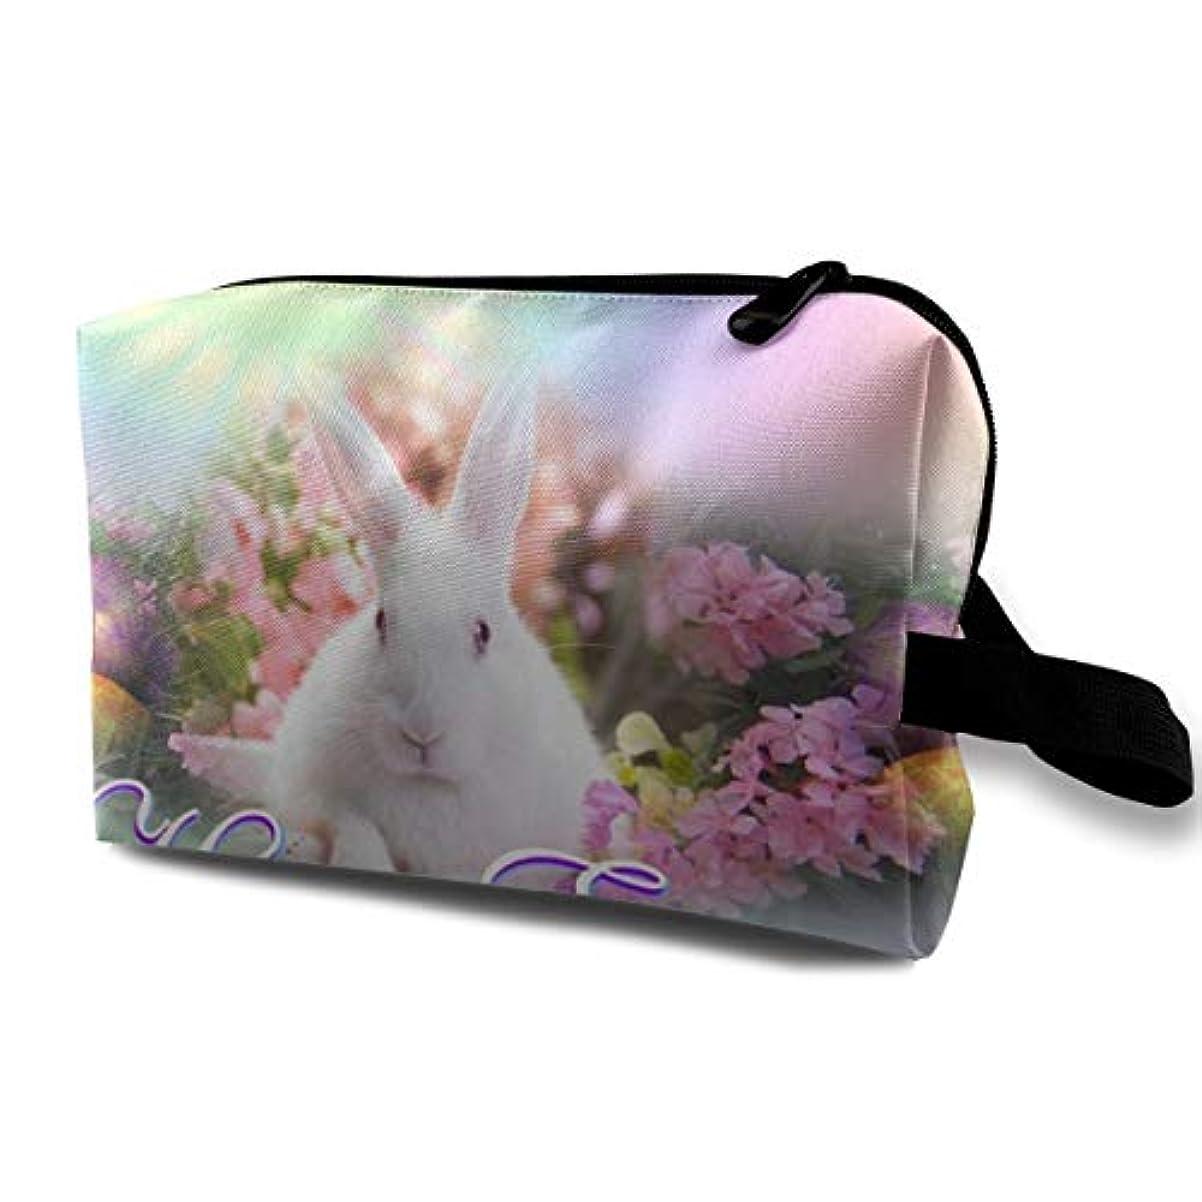 無傷家事道を作るMEClOUD 化粧ポーチイースター おめでとう ウサギ メイクポーチ コスメバッグ 収納 雑貨大容量 小物入れ 旅行用